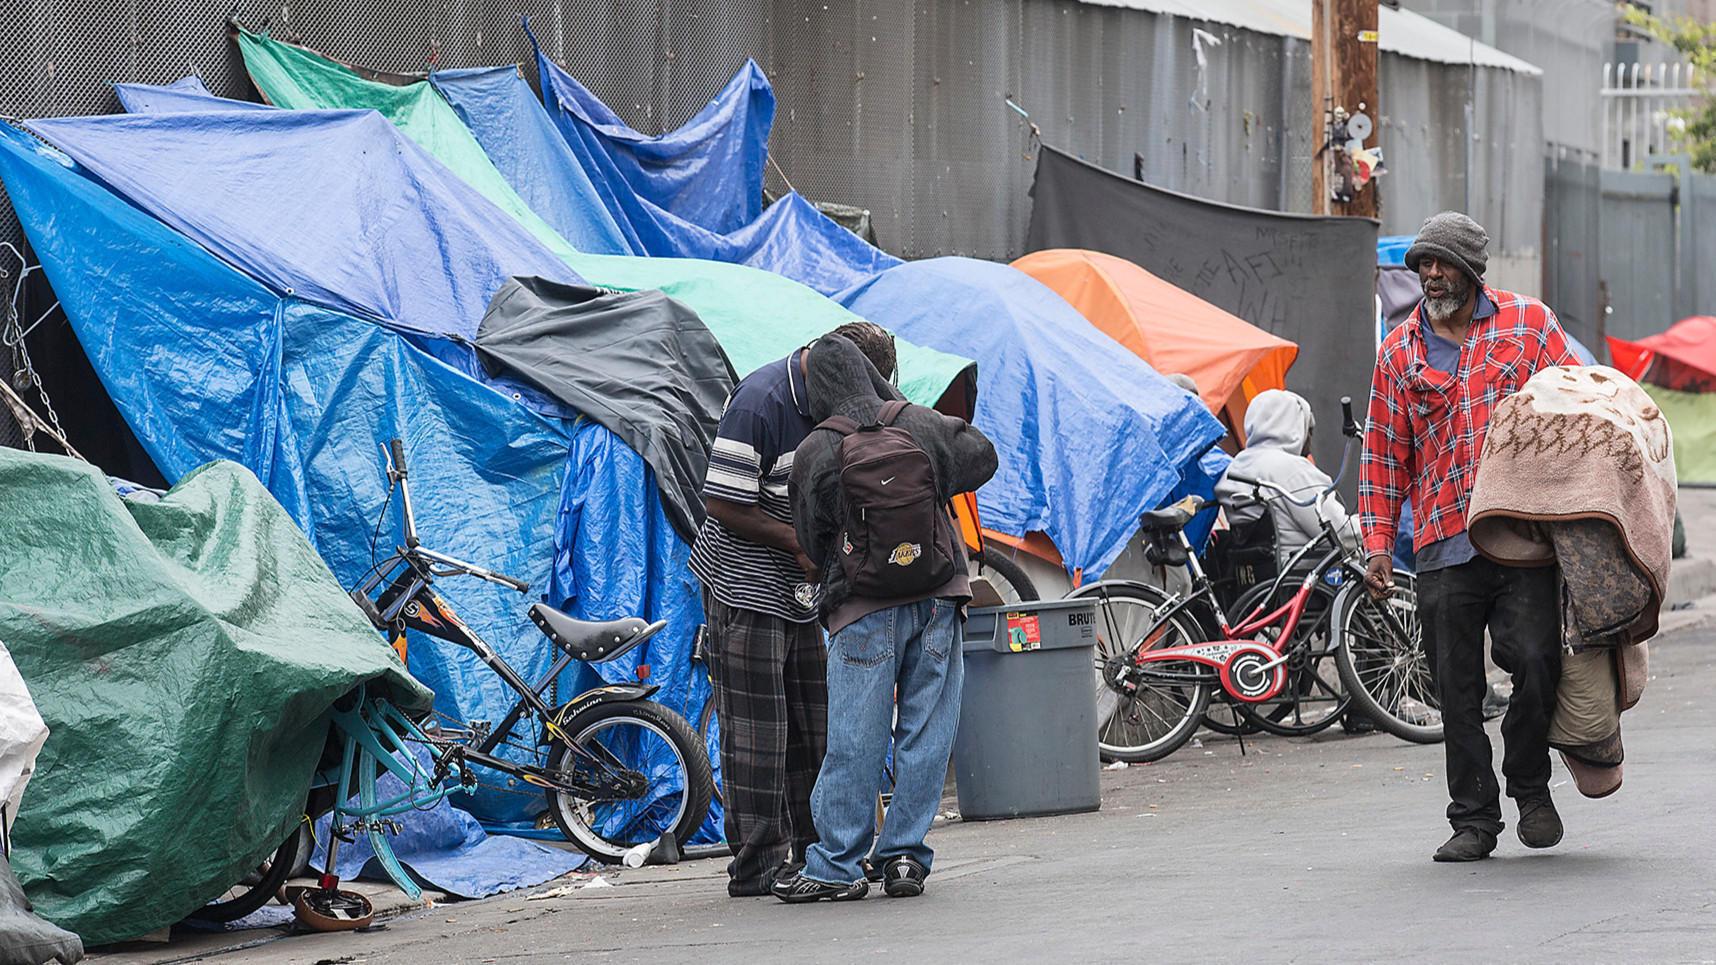 Αποτέλεσμα εικόνας για homeless los angeles